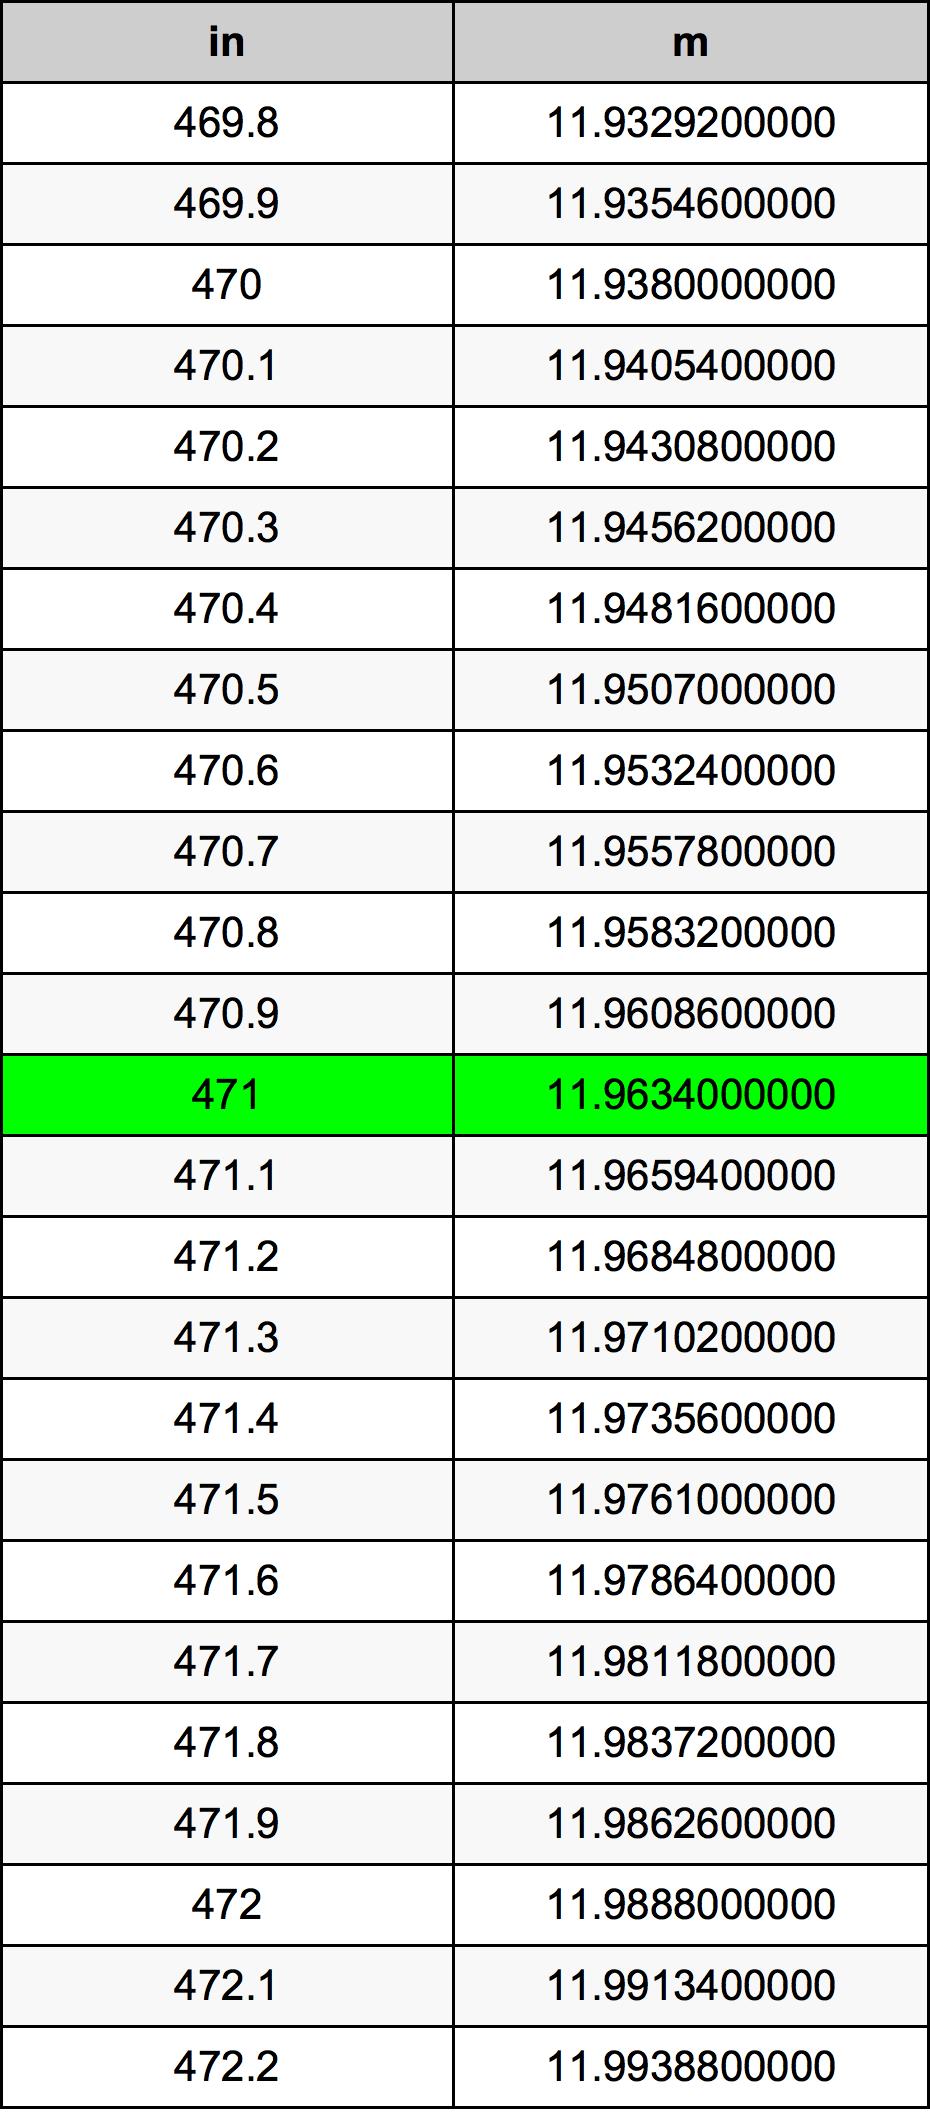 471 Pulzier konverżjoni tabella